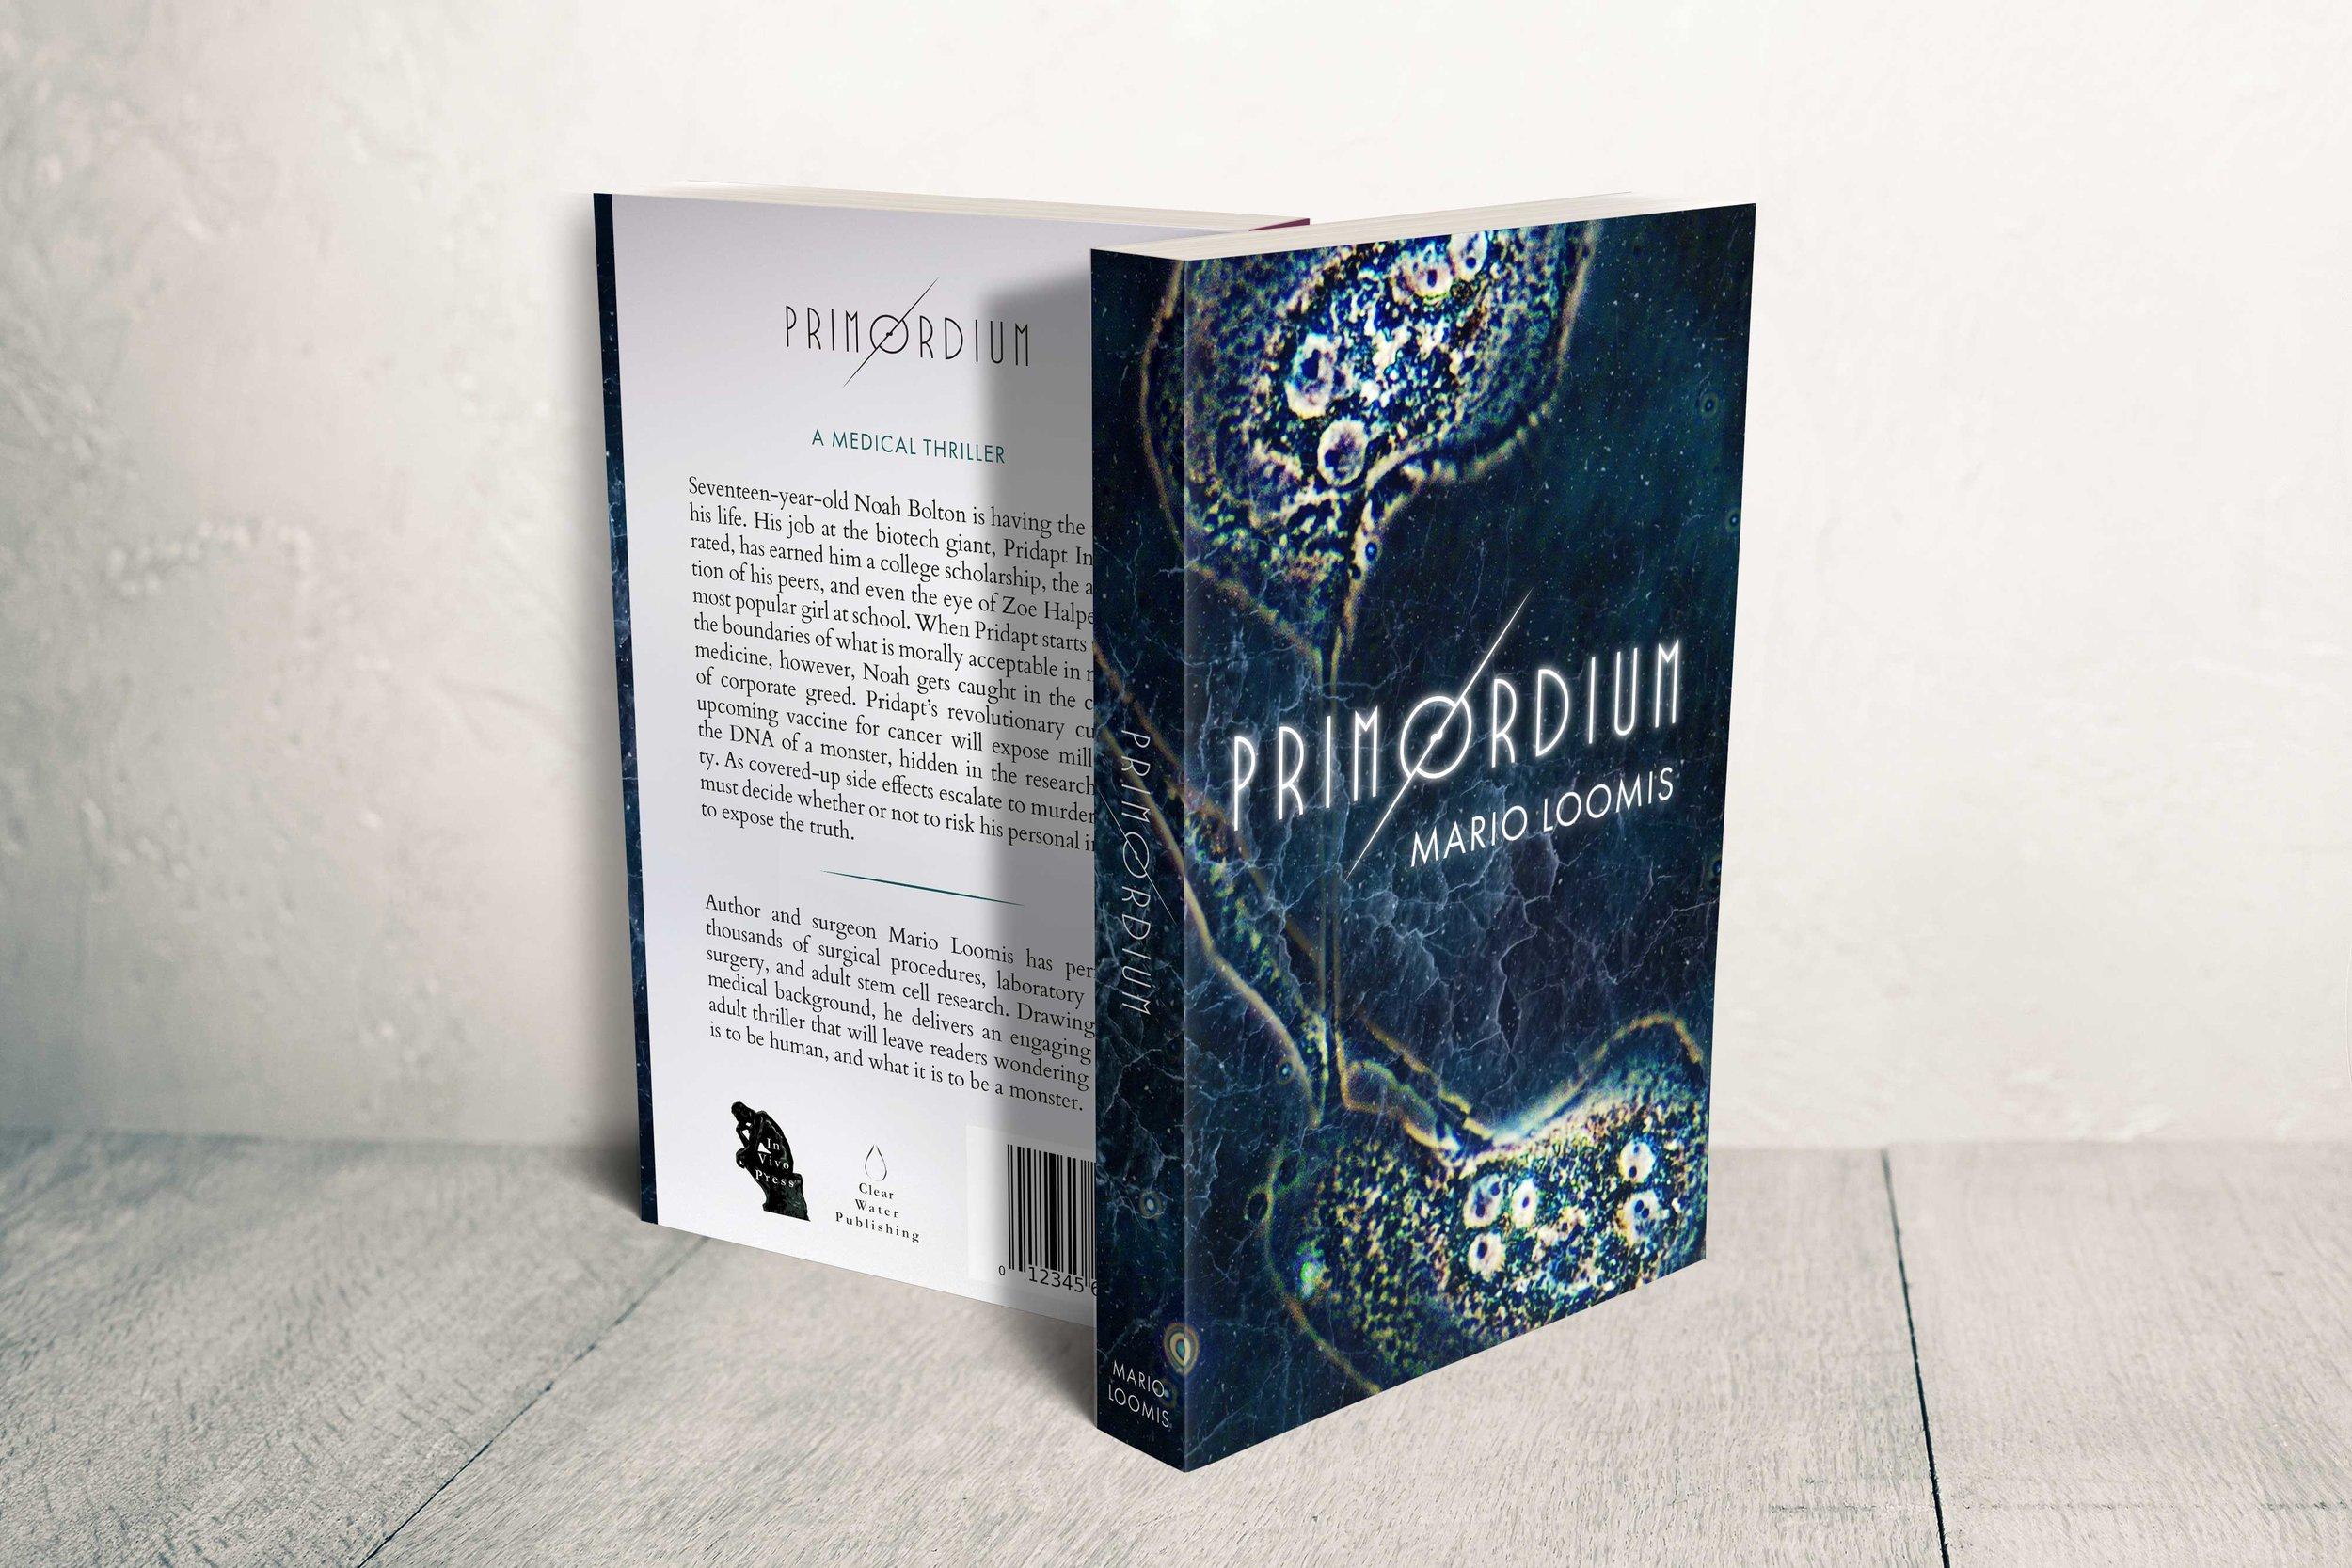 Primordium